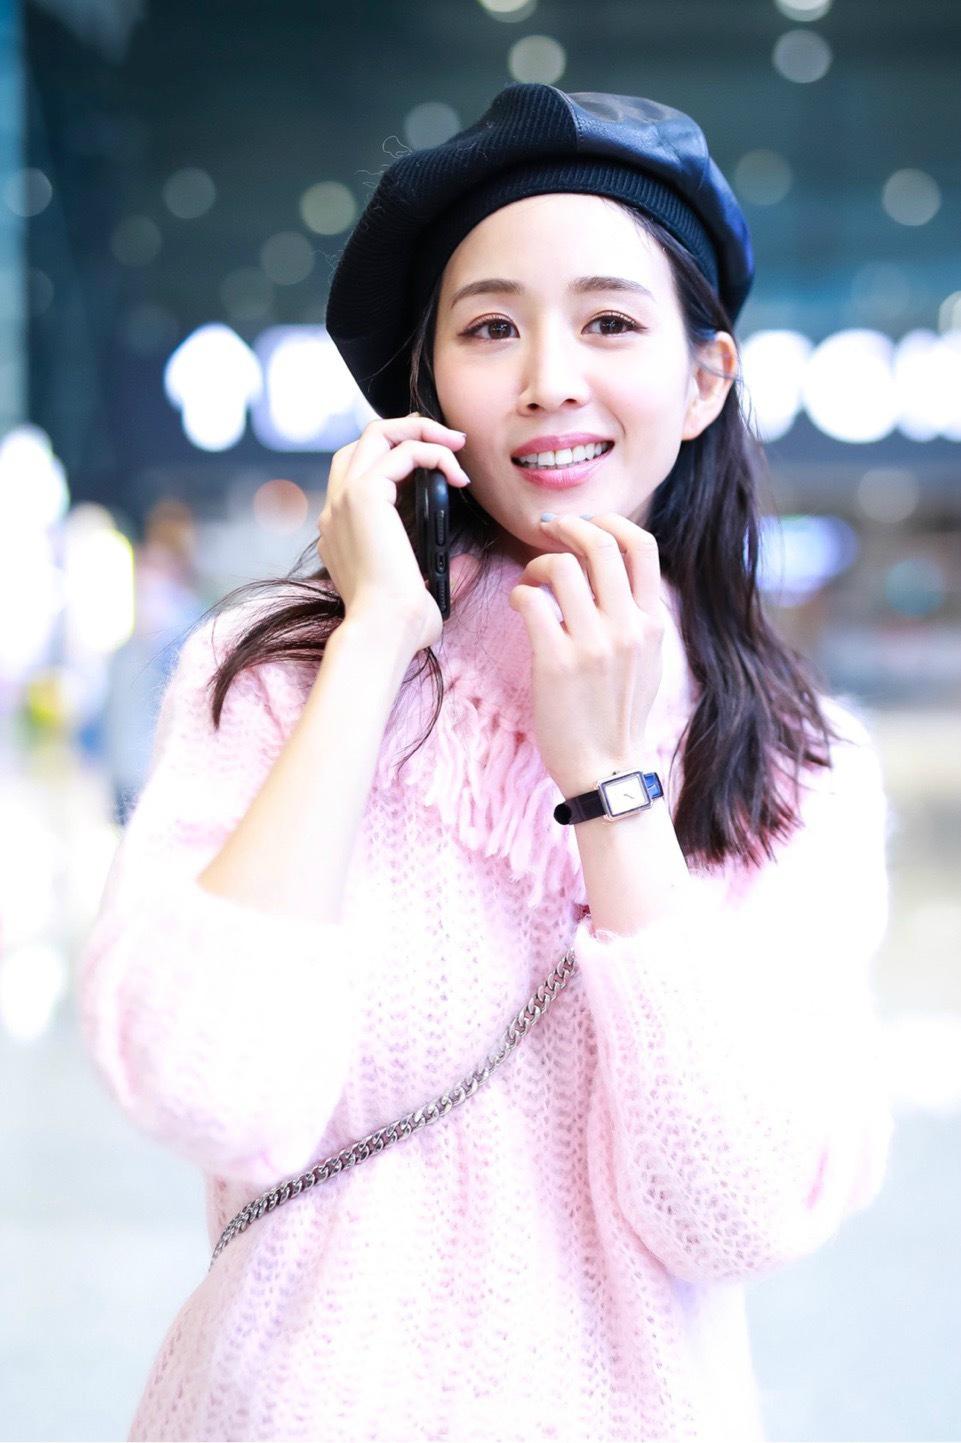 被張鈞甯的簡單私服驚艷到了!粉色毛衣配短褲,這么少女哪像36歲